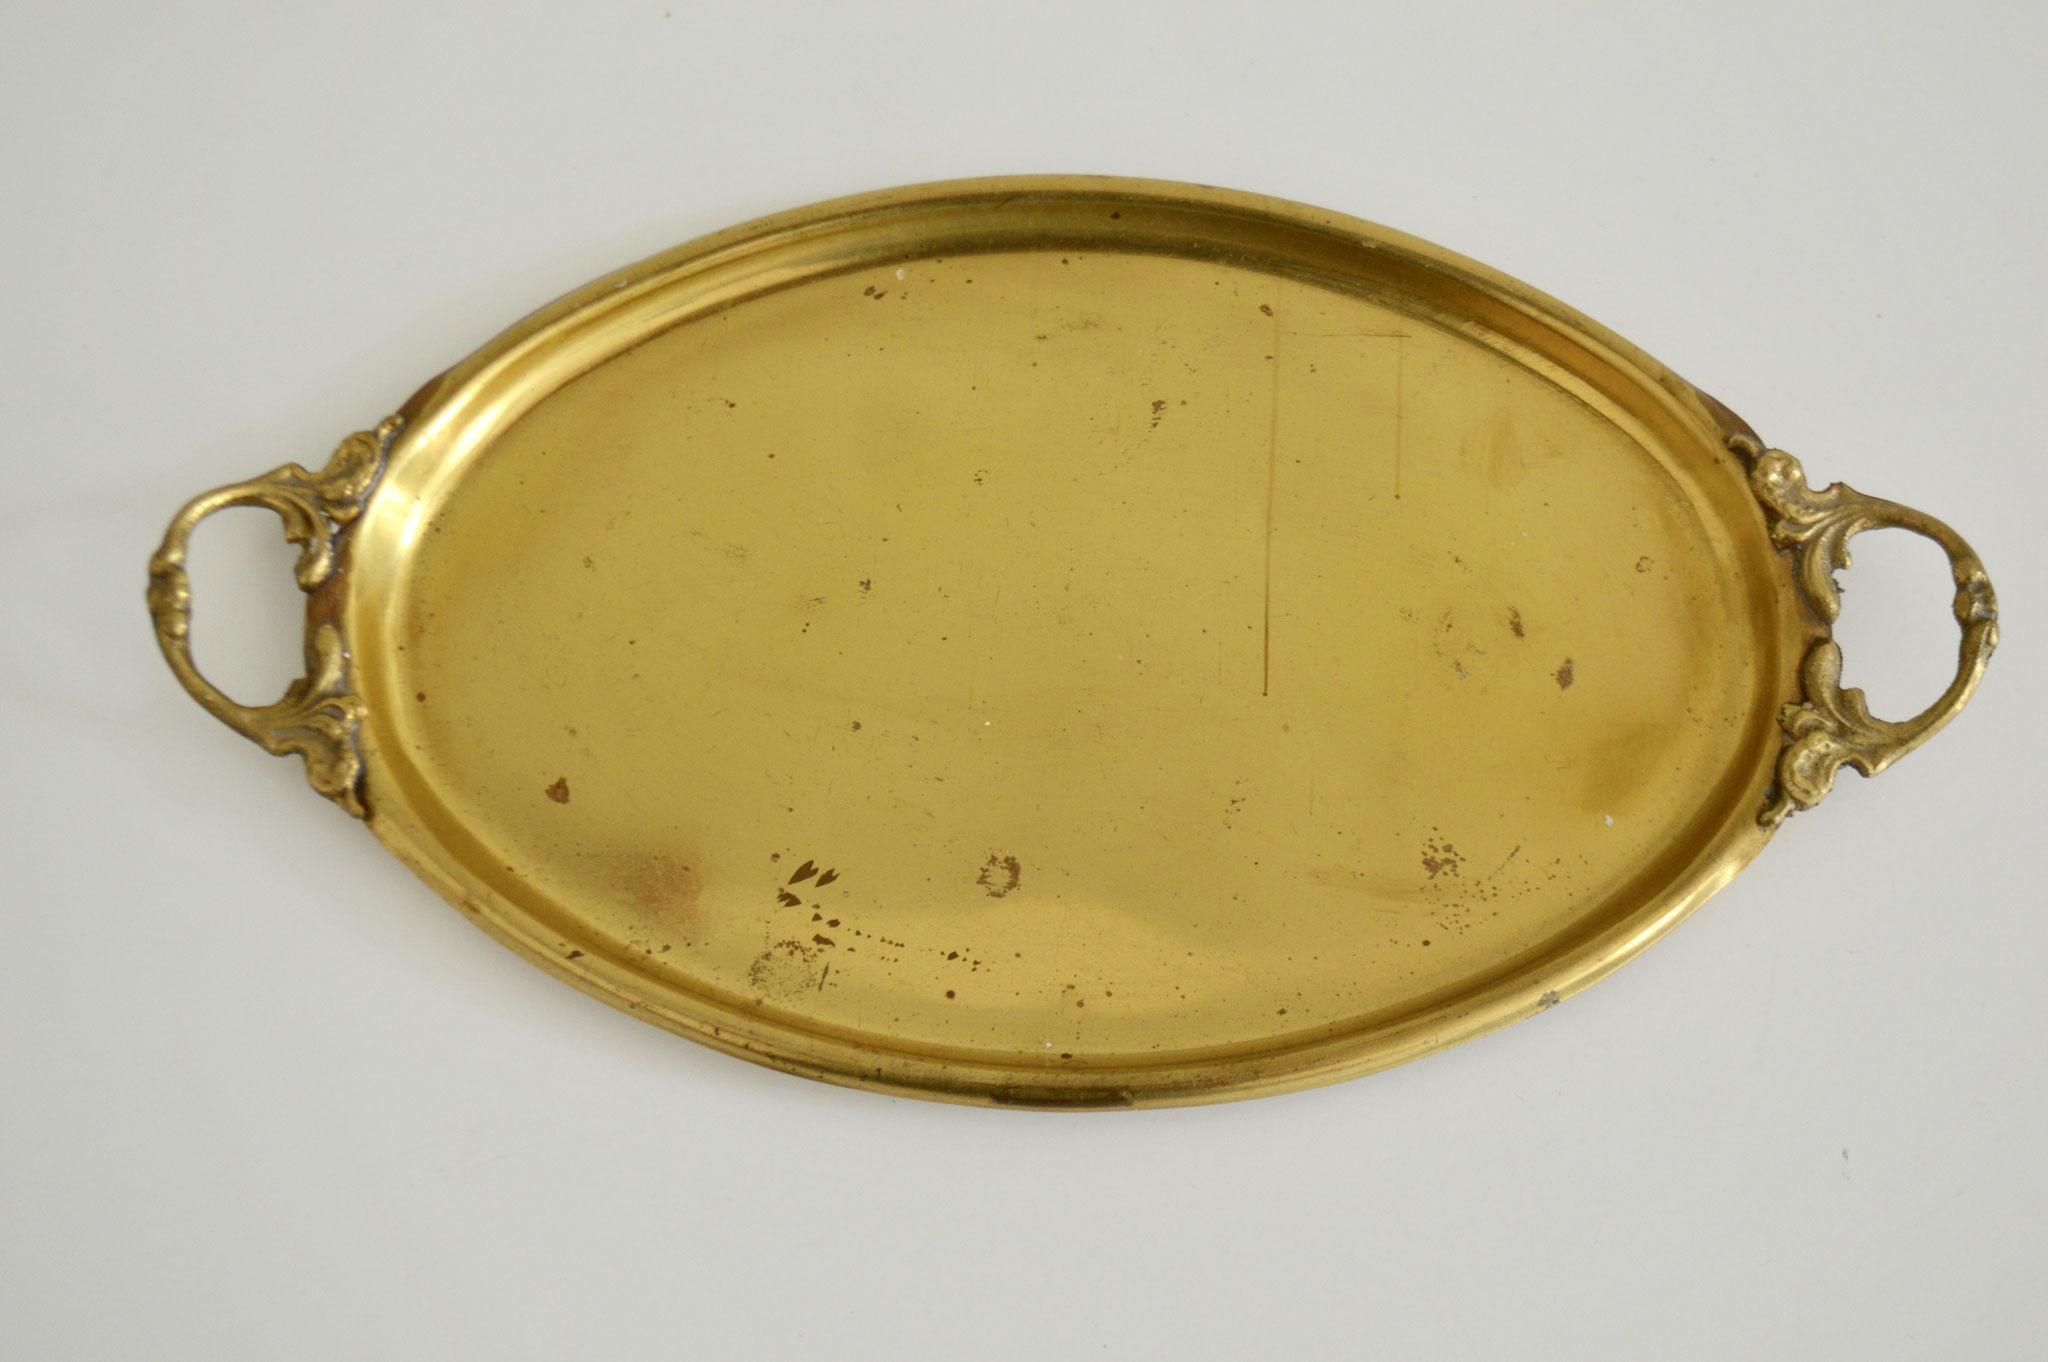 L) € 3, Länge ca. 28 cm (mit Henkel), Breite ca. 15 cm